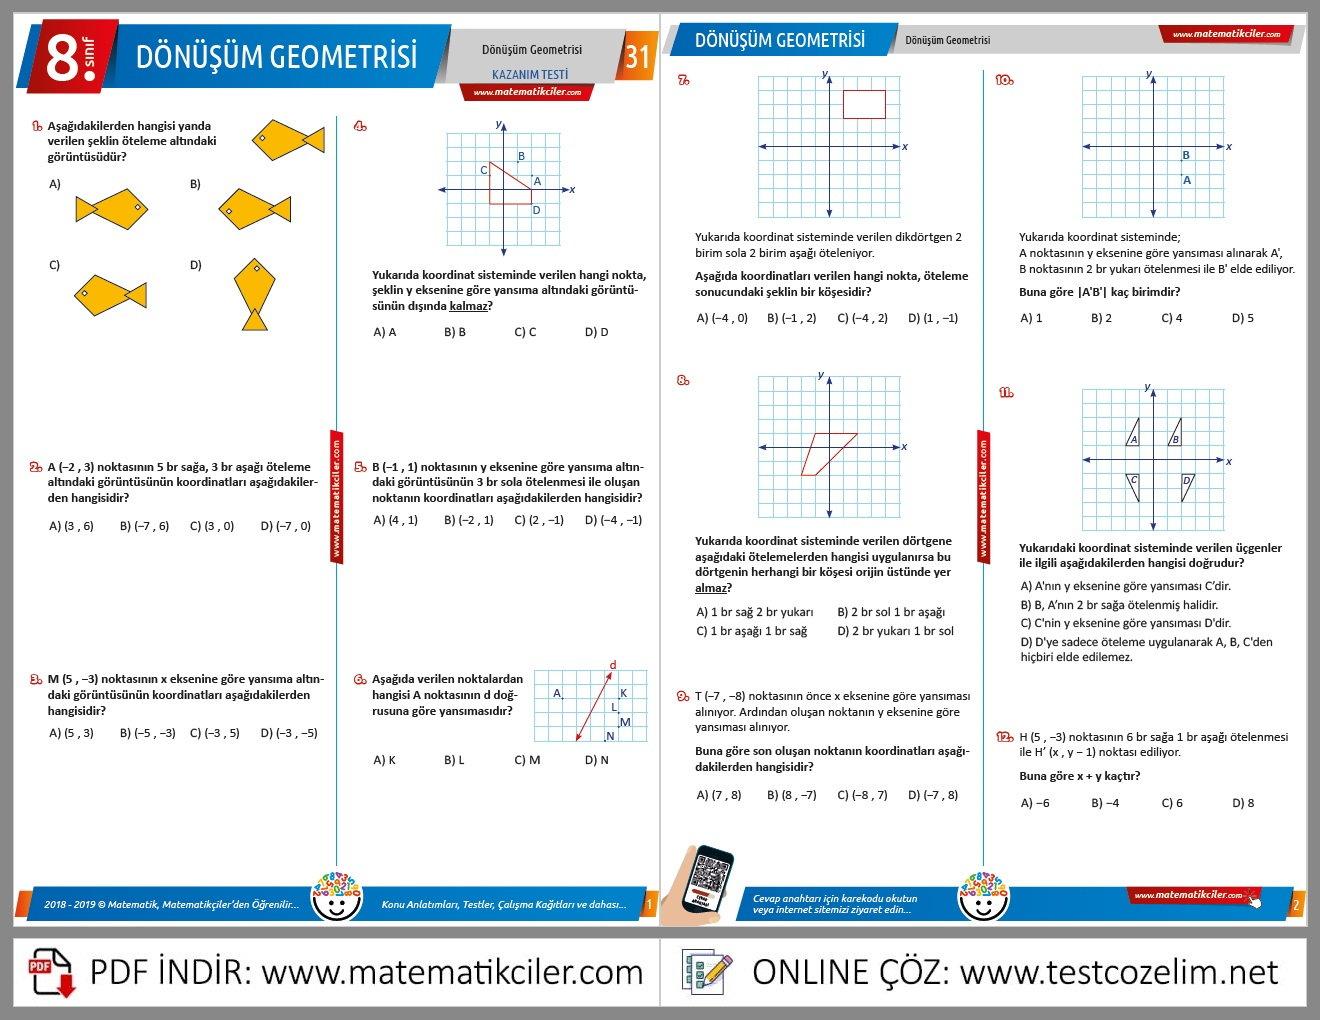 8. Sınıf Dönüşüm Geometrisi Testi